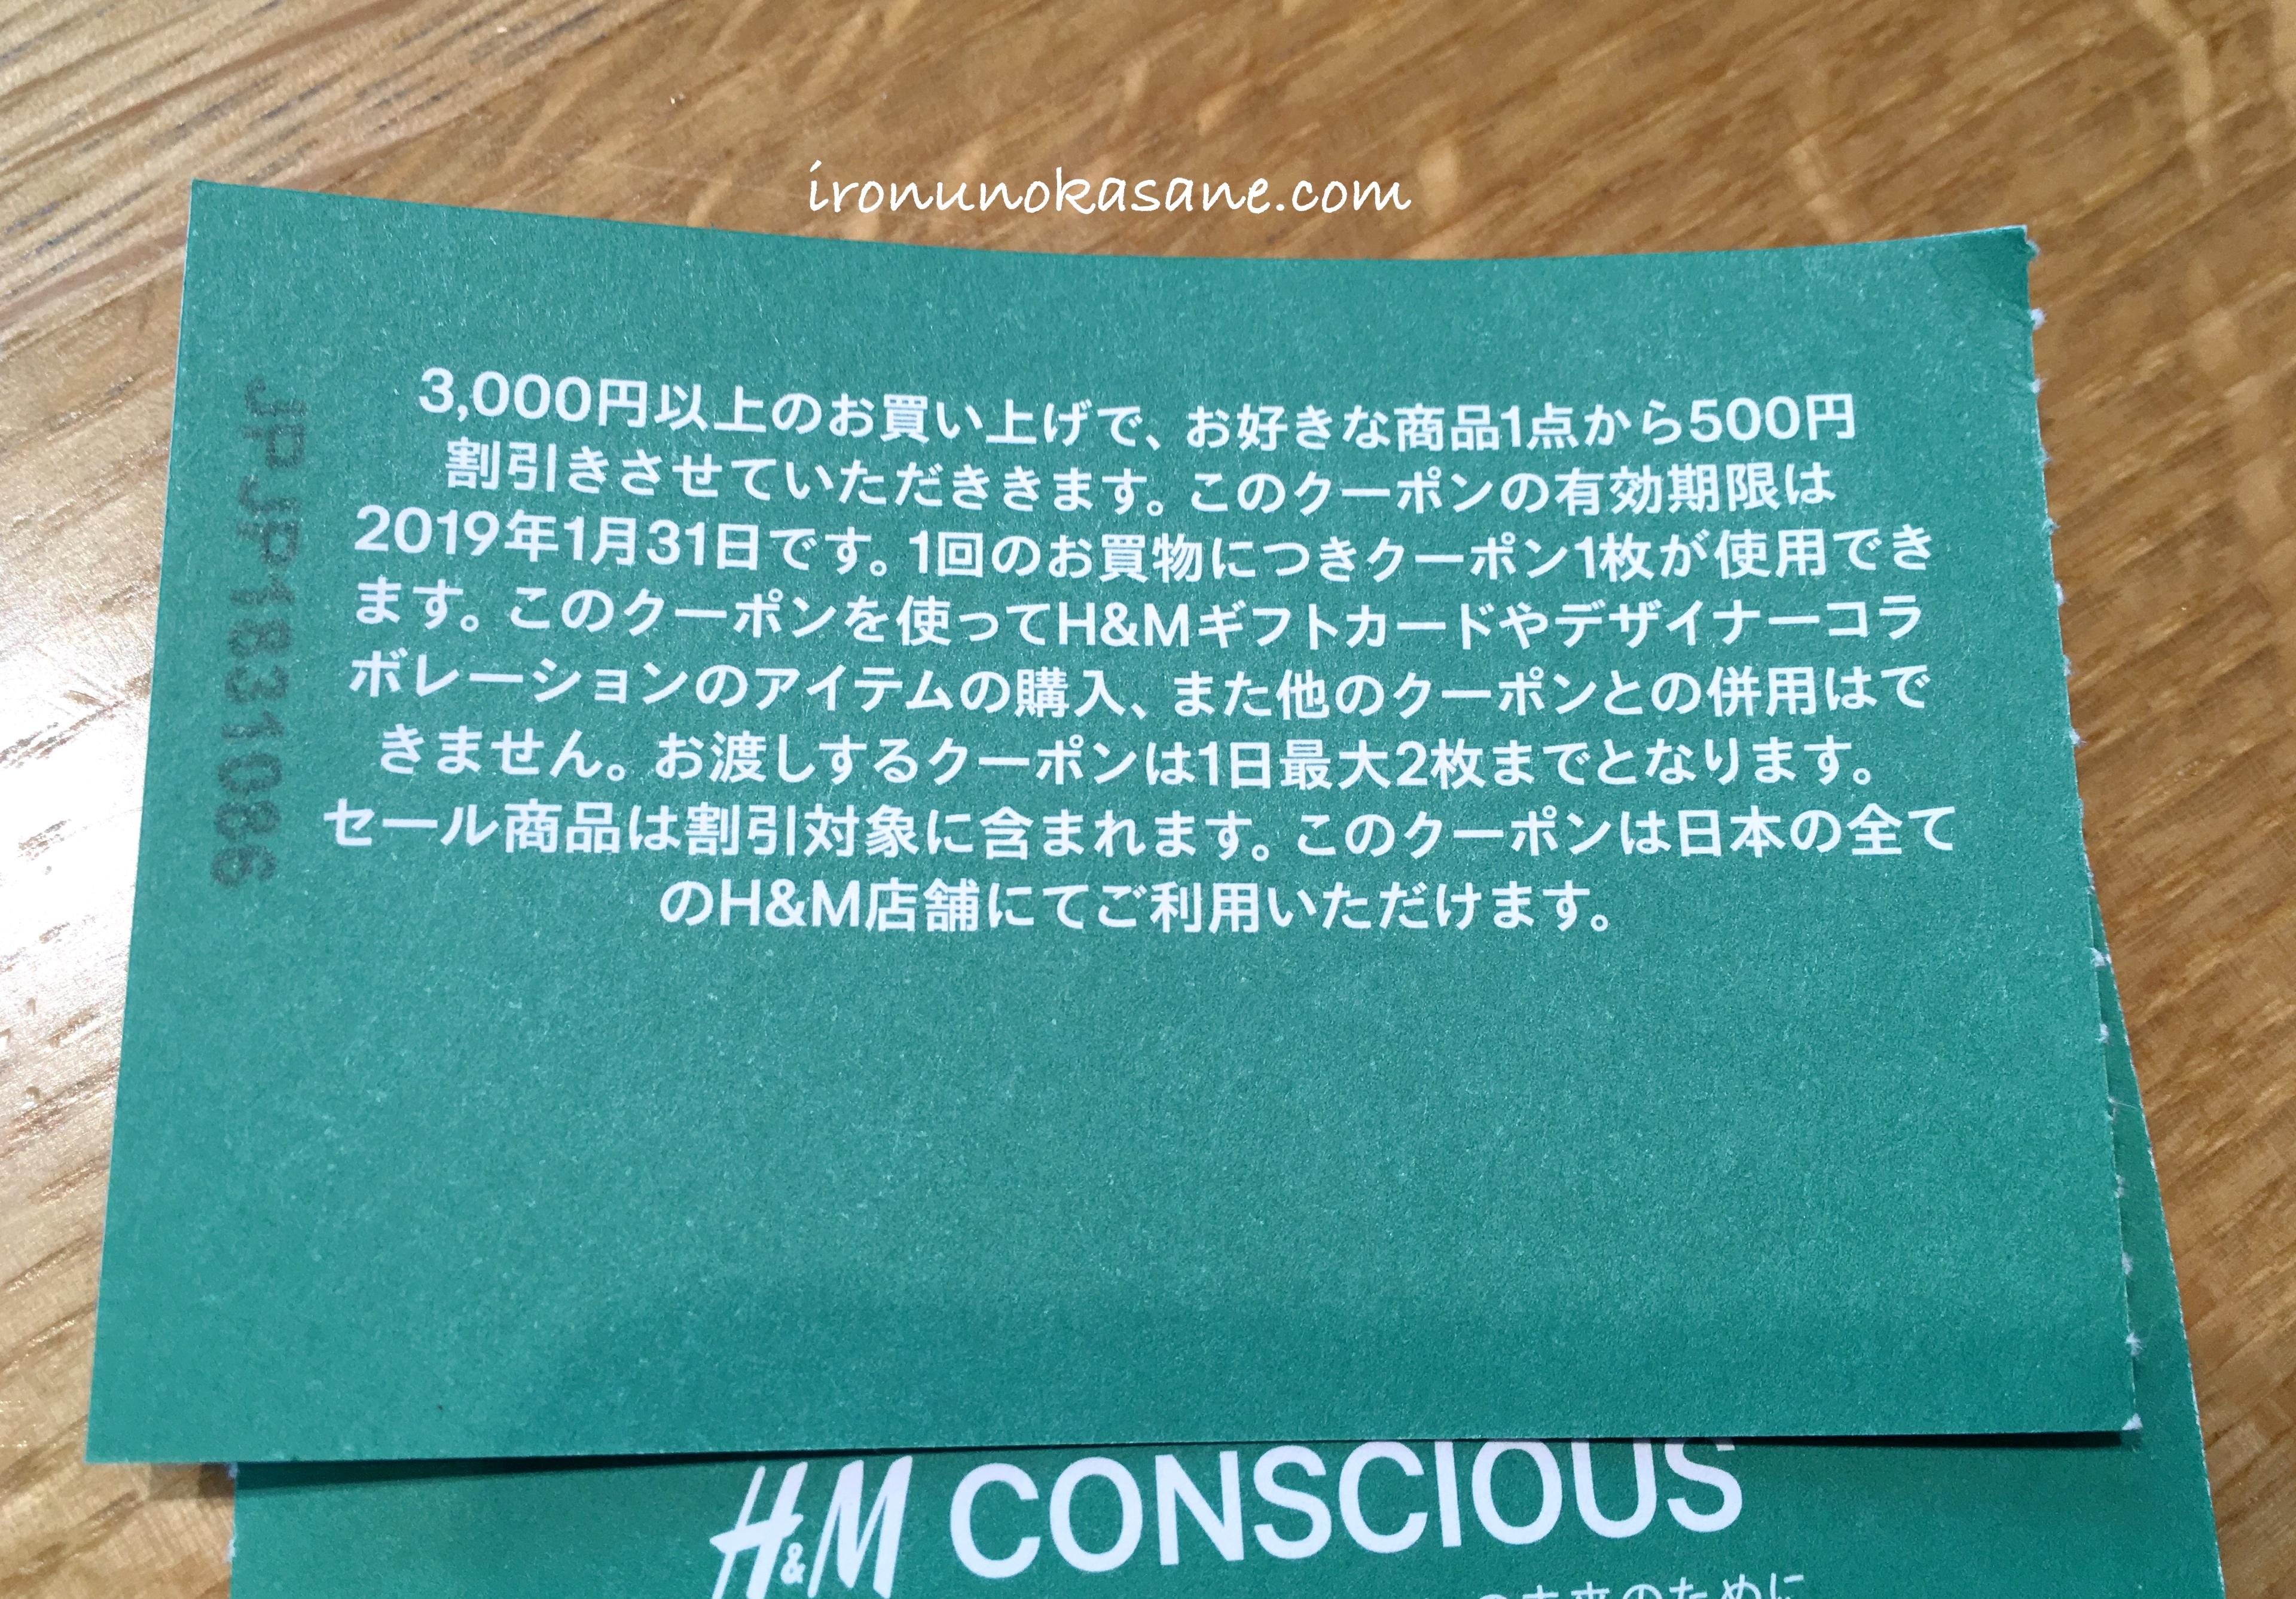 H&M500円割引のクーポン